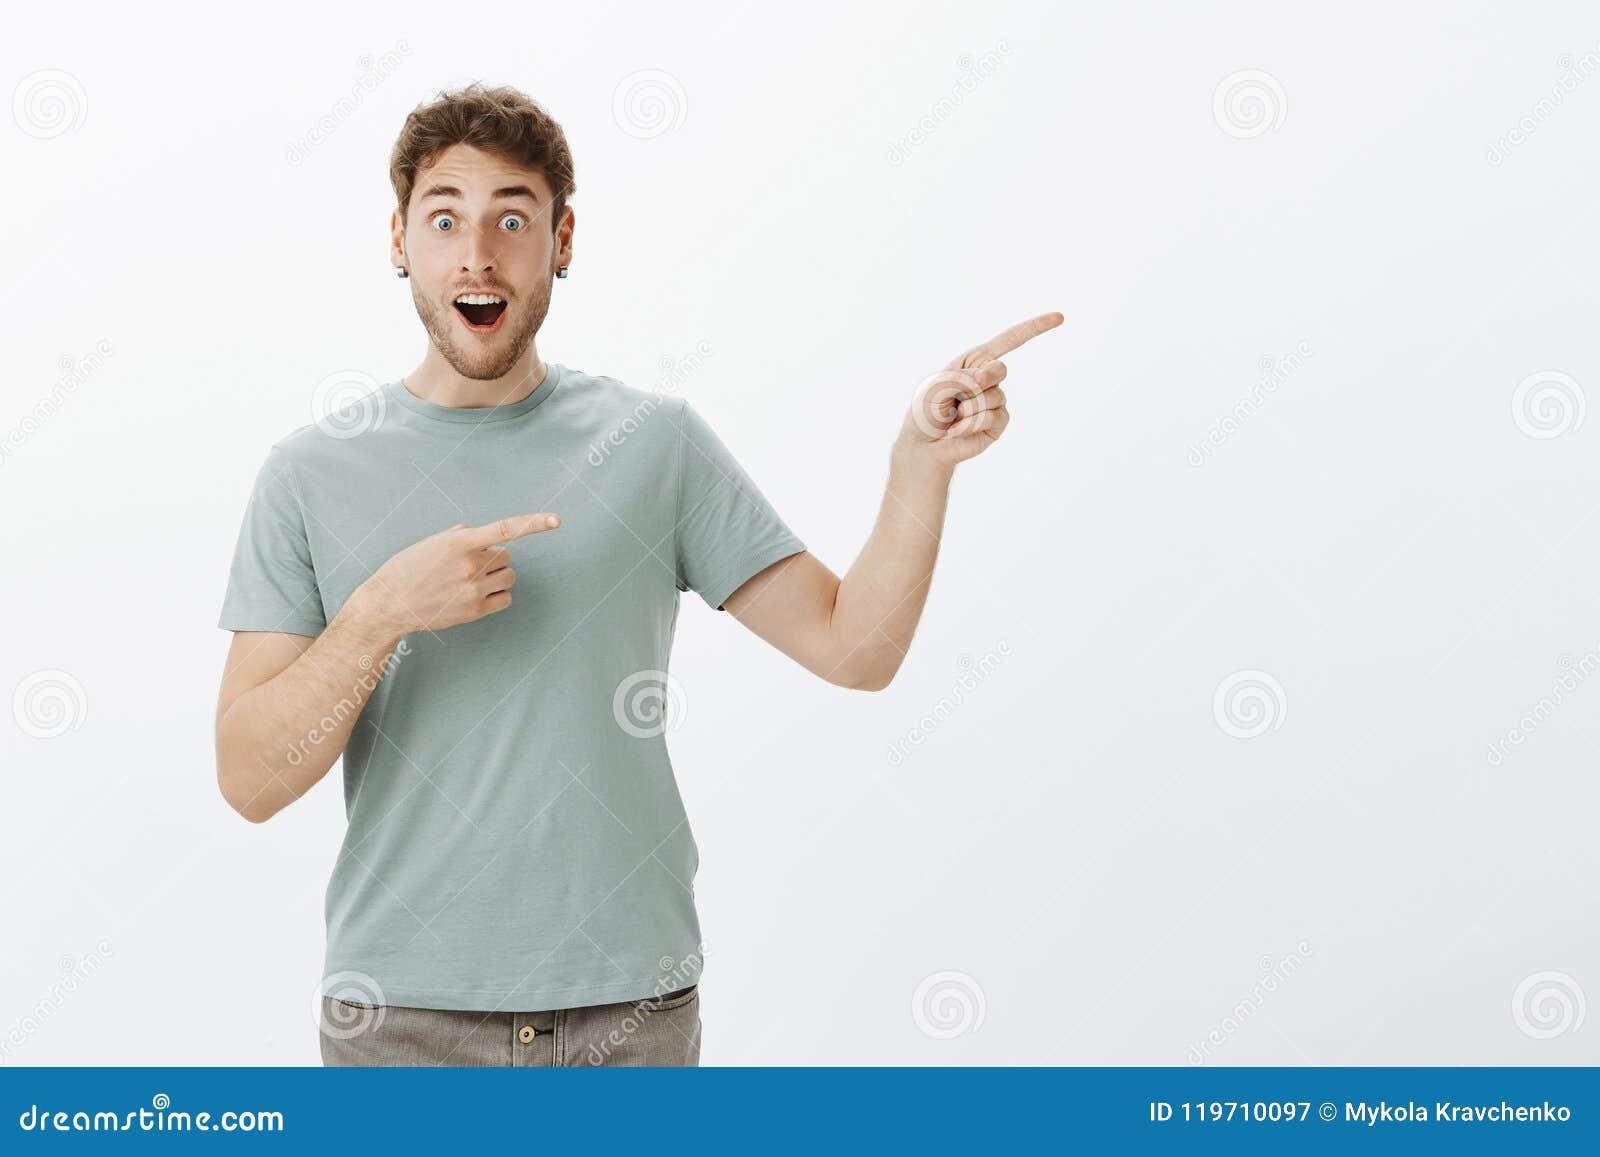 Nöjd förvånad attraktiv grabb med ganska hår som tappar käken, medan diskutera något förbluffa som rätt pekar med